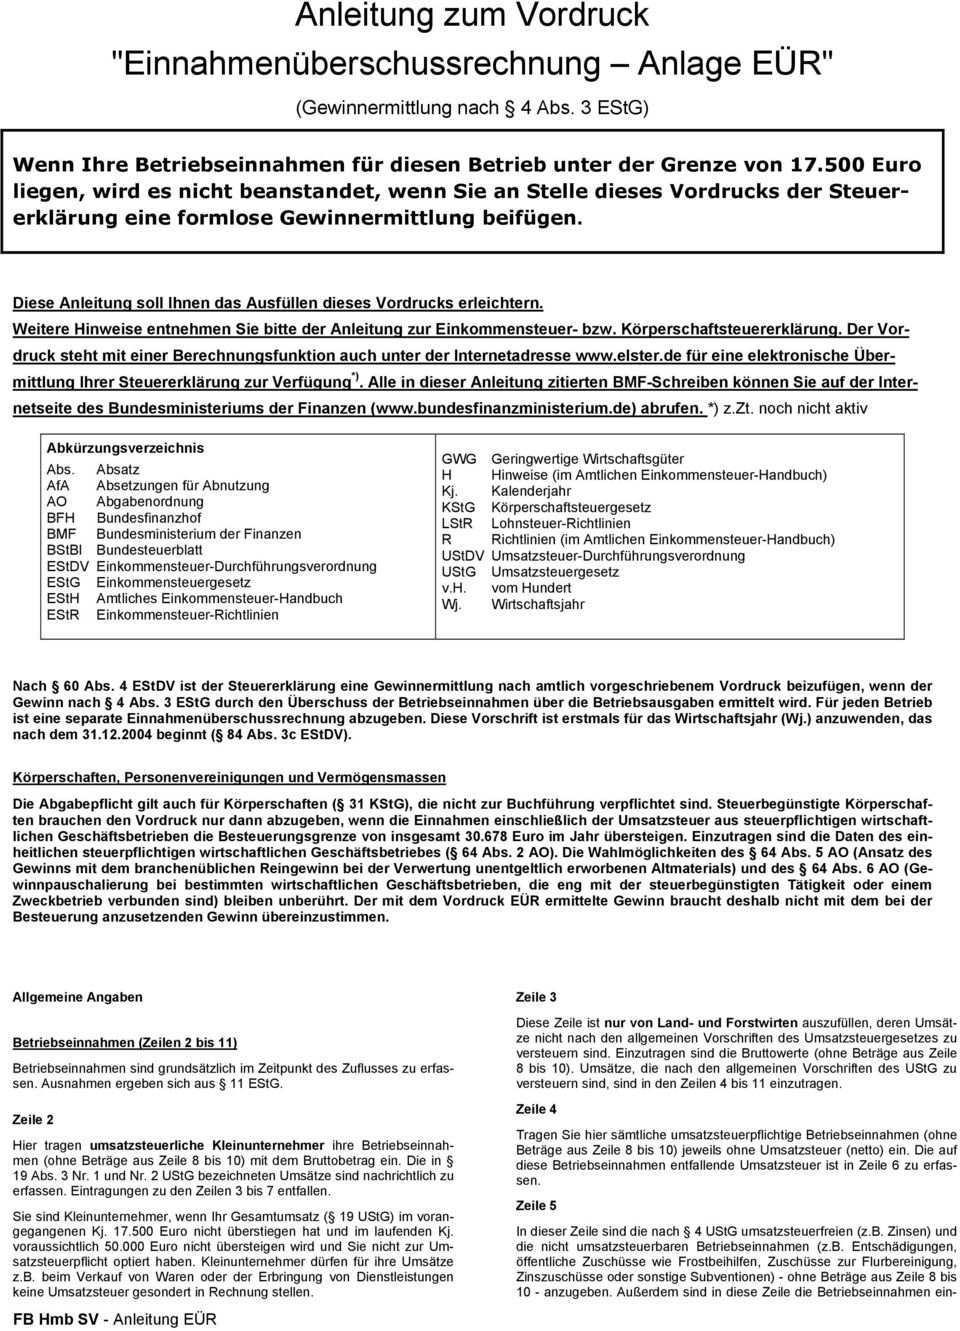 Anleitung Zum Vordruck Einnahmenuberschussrechnung Anlage Eur Pdf Free Download